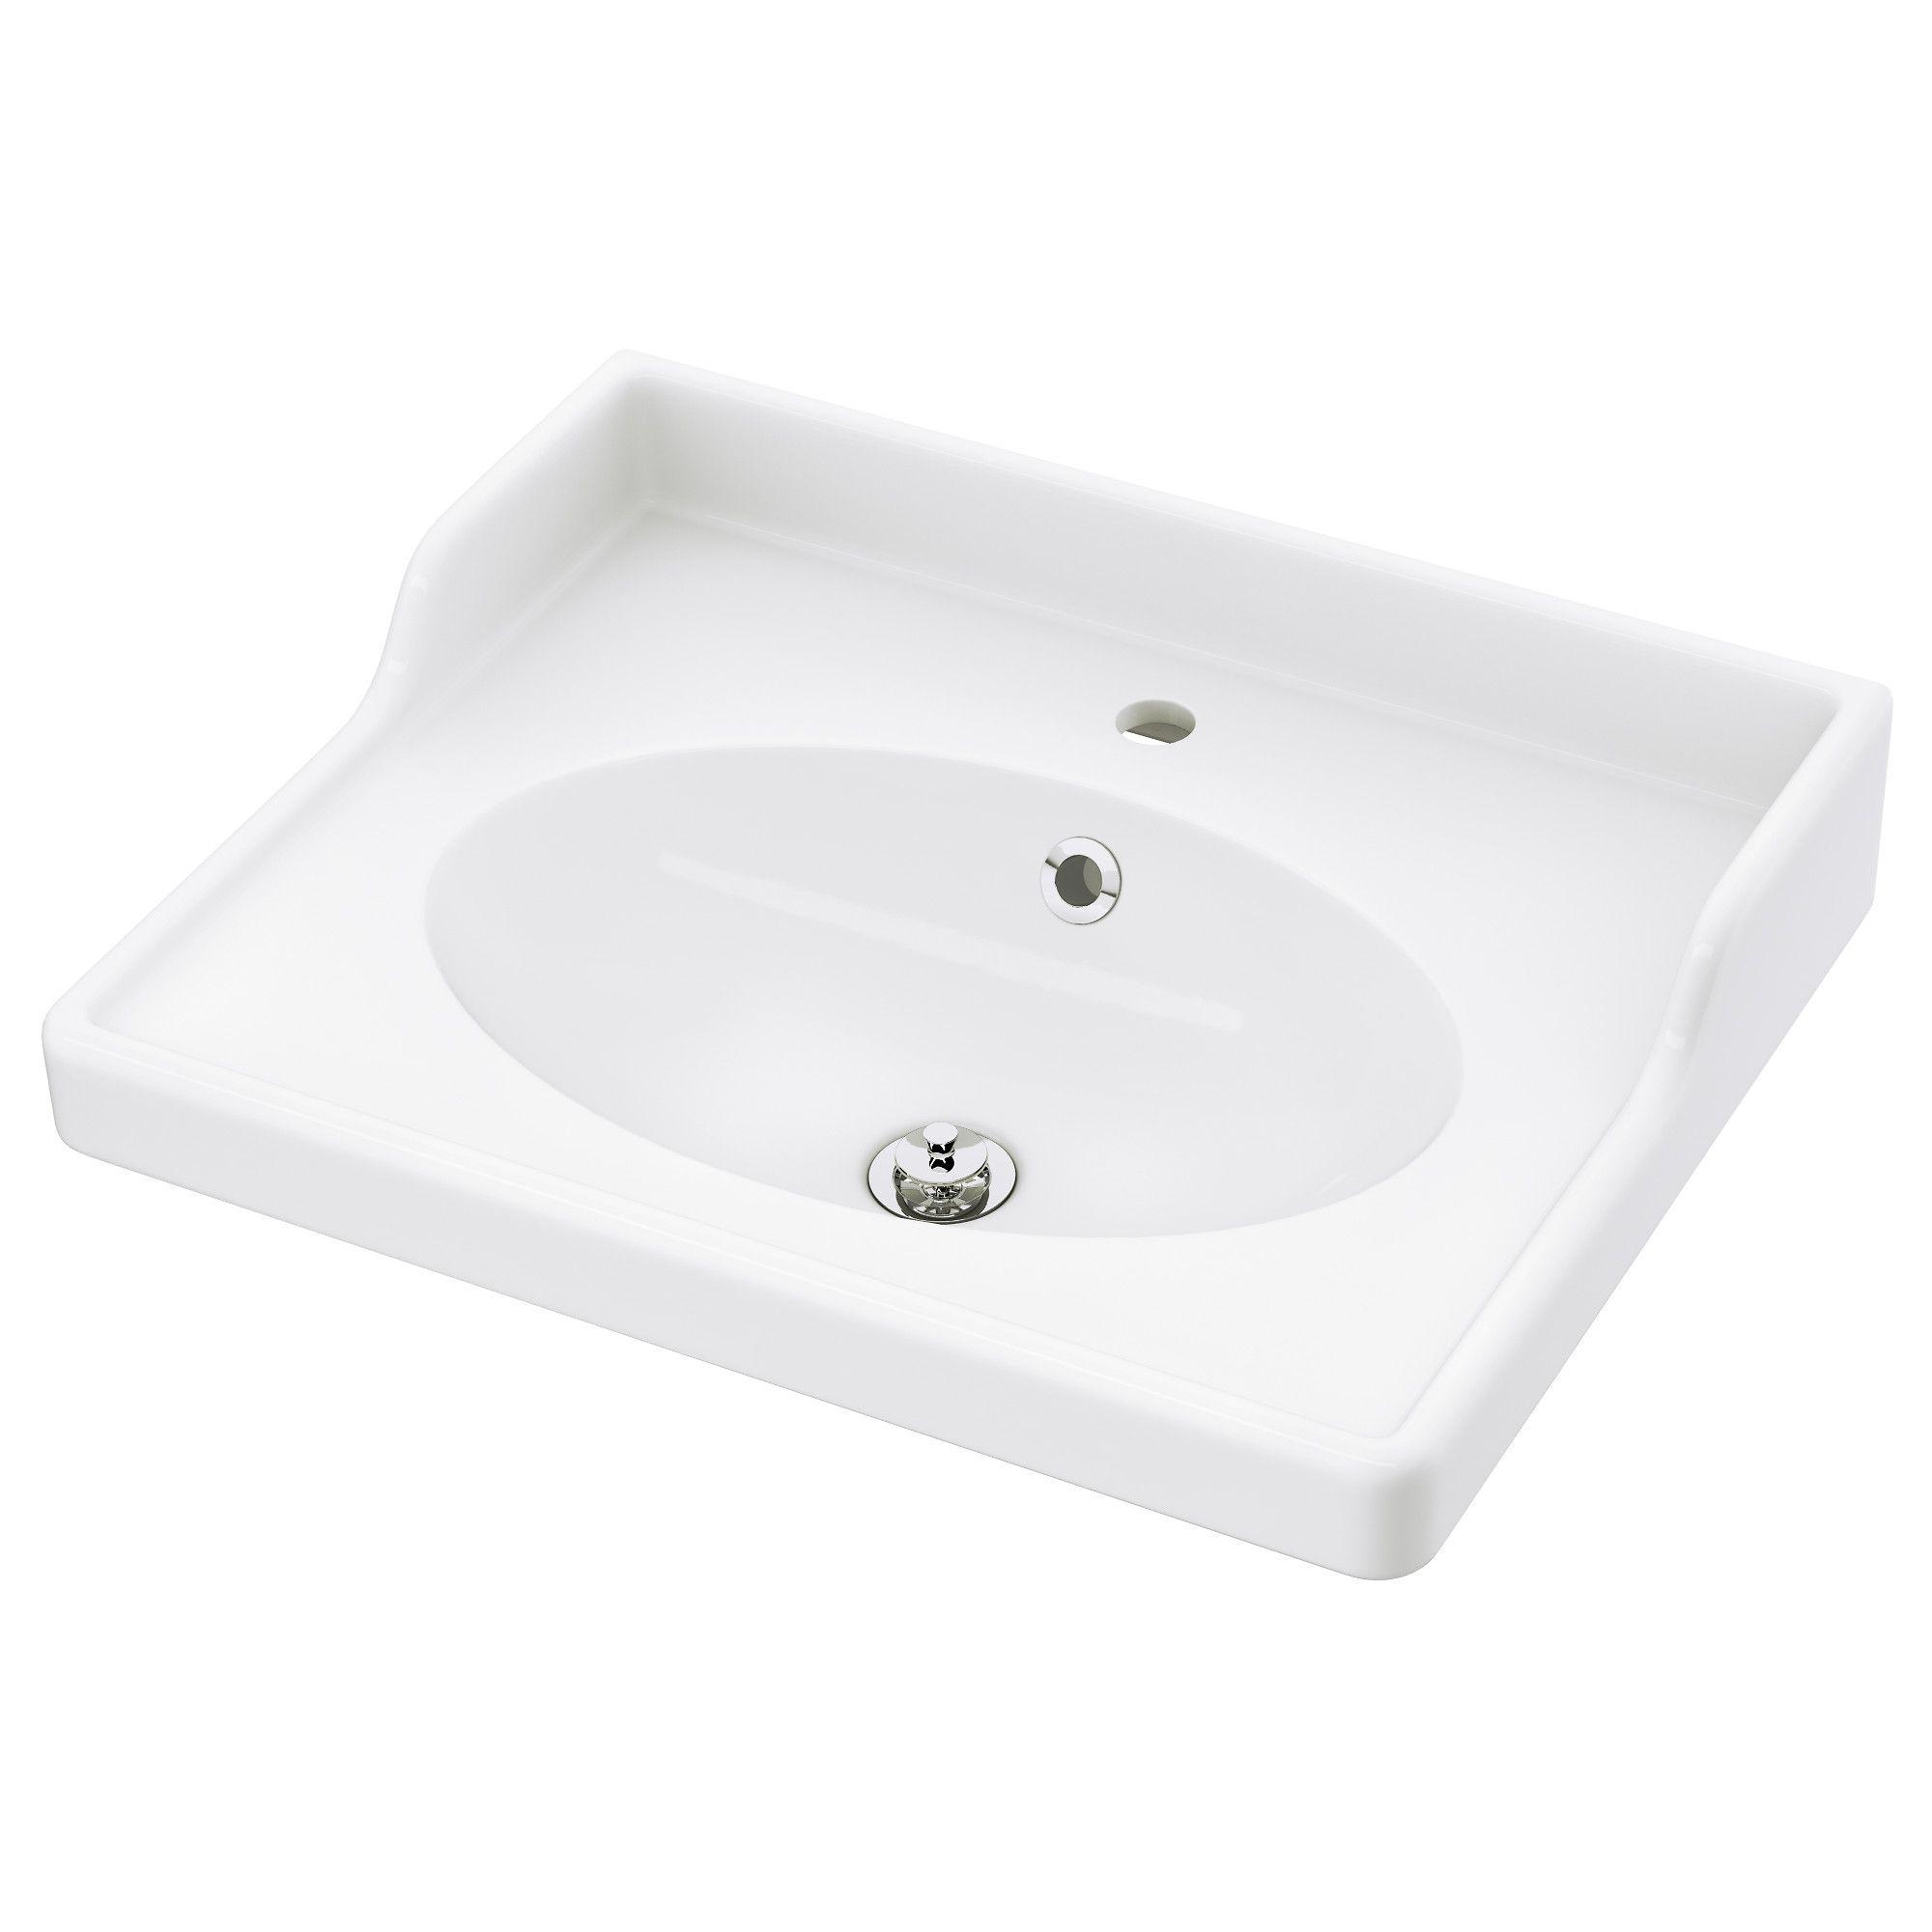 Rattviken Vasque Blanc 62x49x6 Cm Meuble Lavabo Plan Vasque Et Lavabo